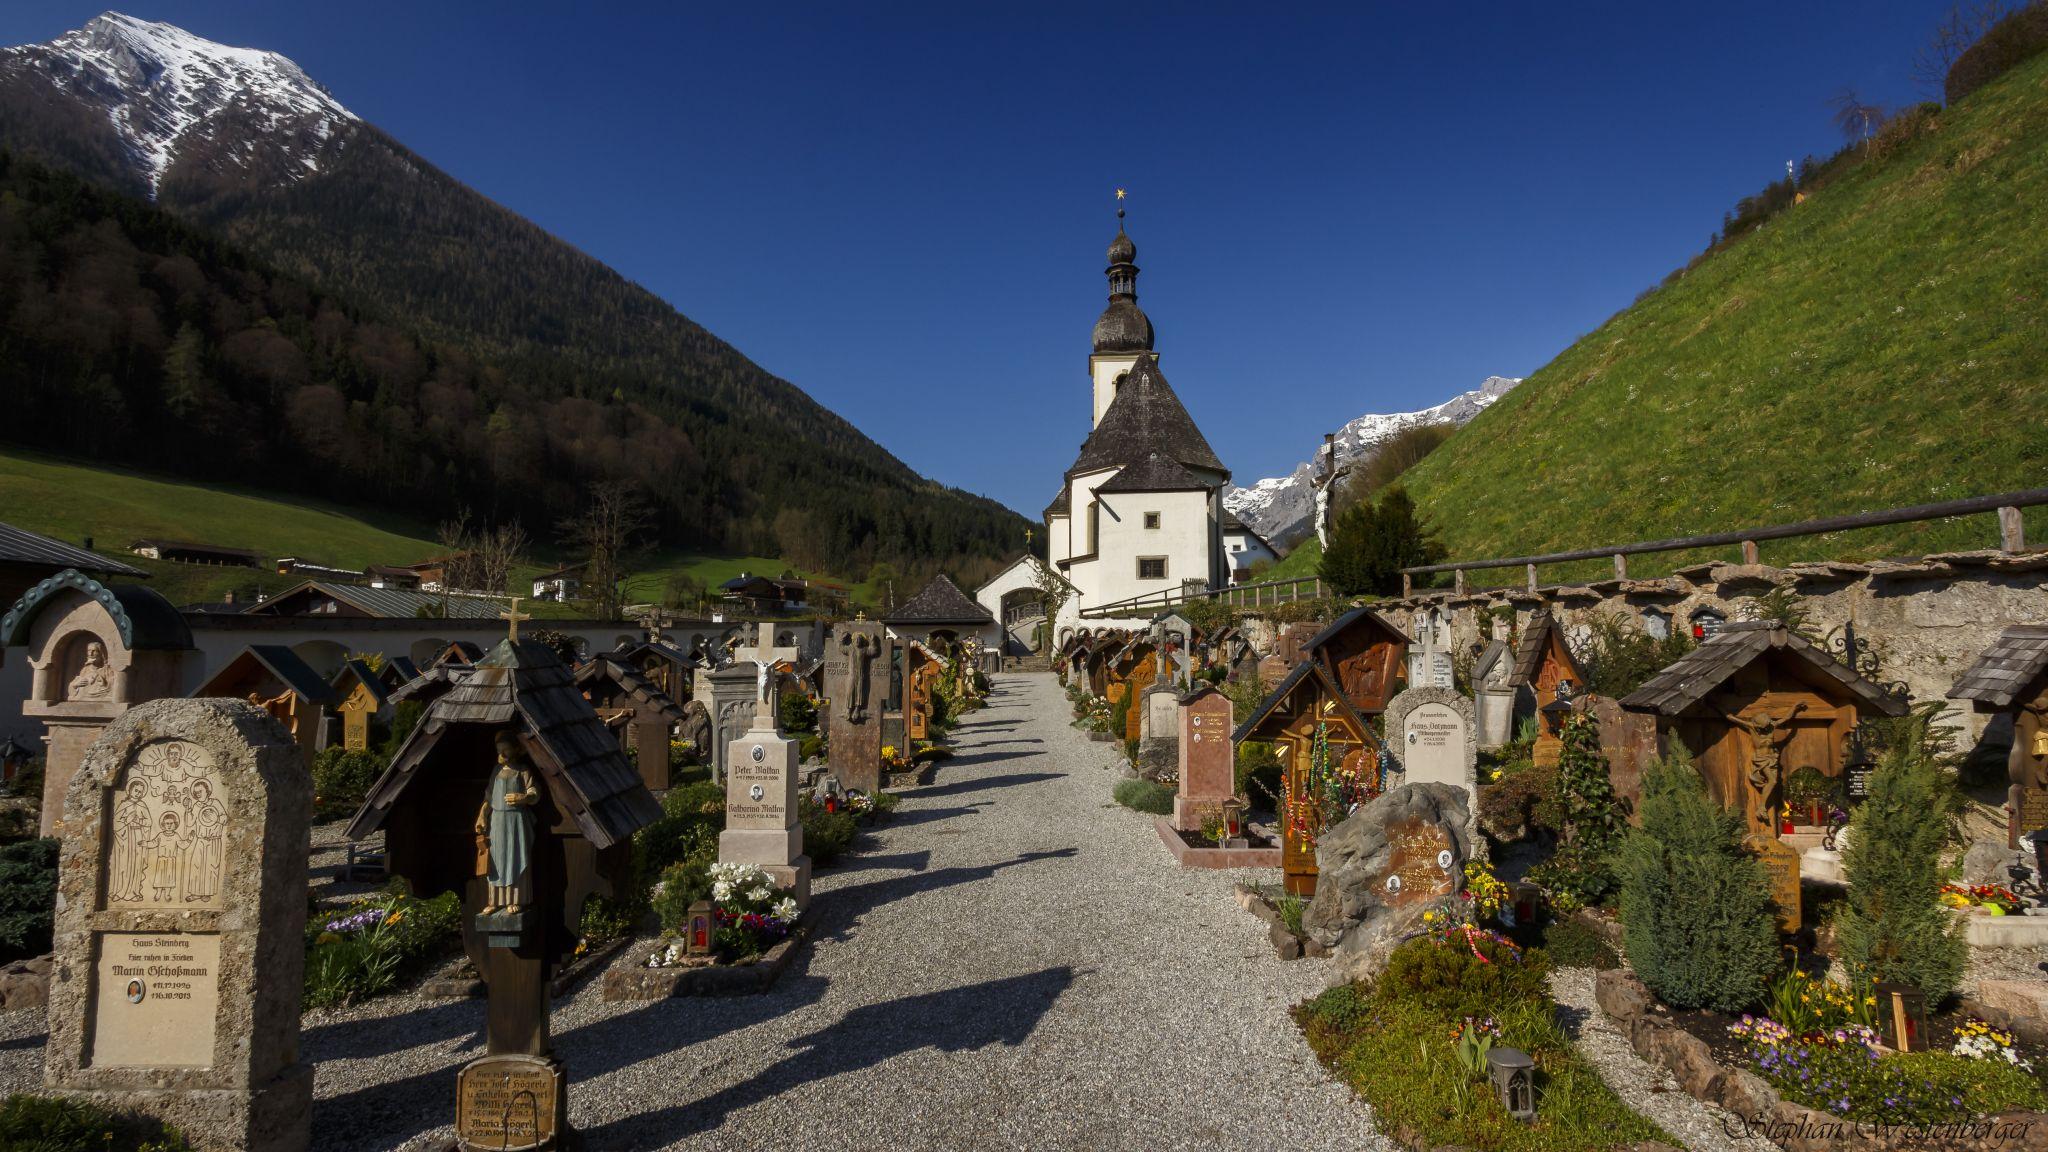 Graveyard @ St. Sebastian (Ramsau), Germany